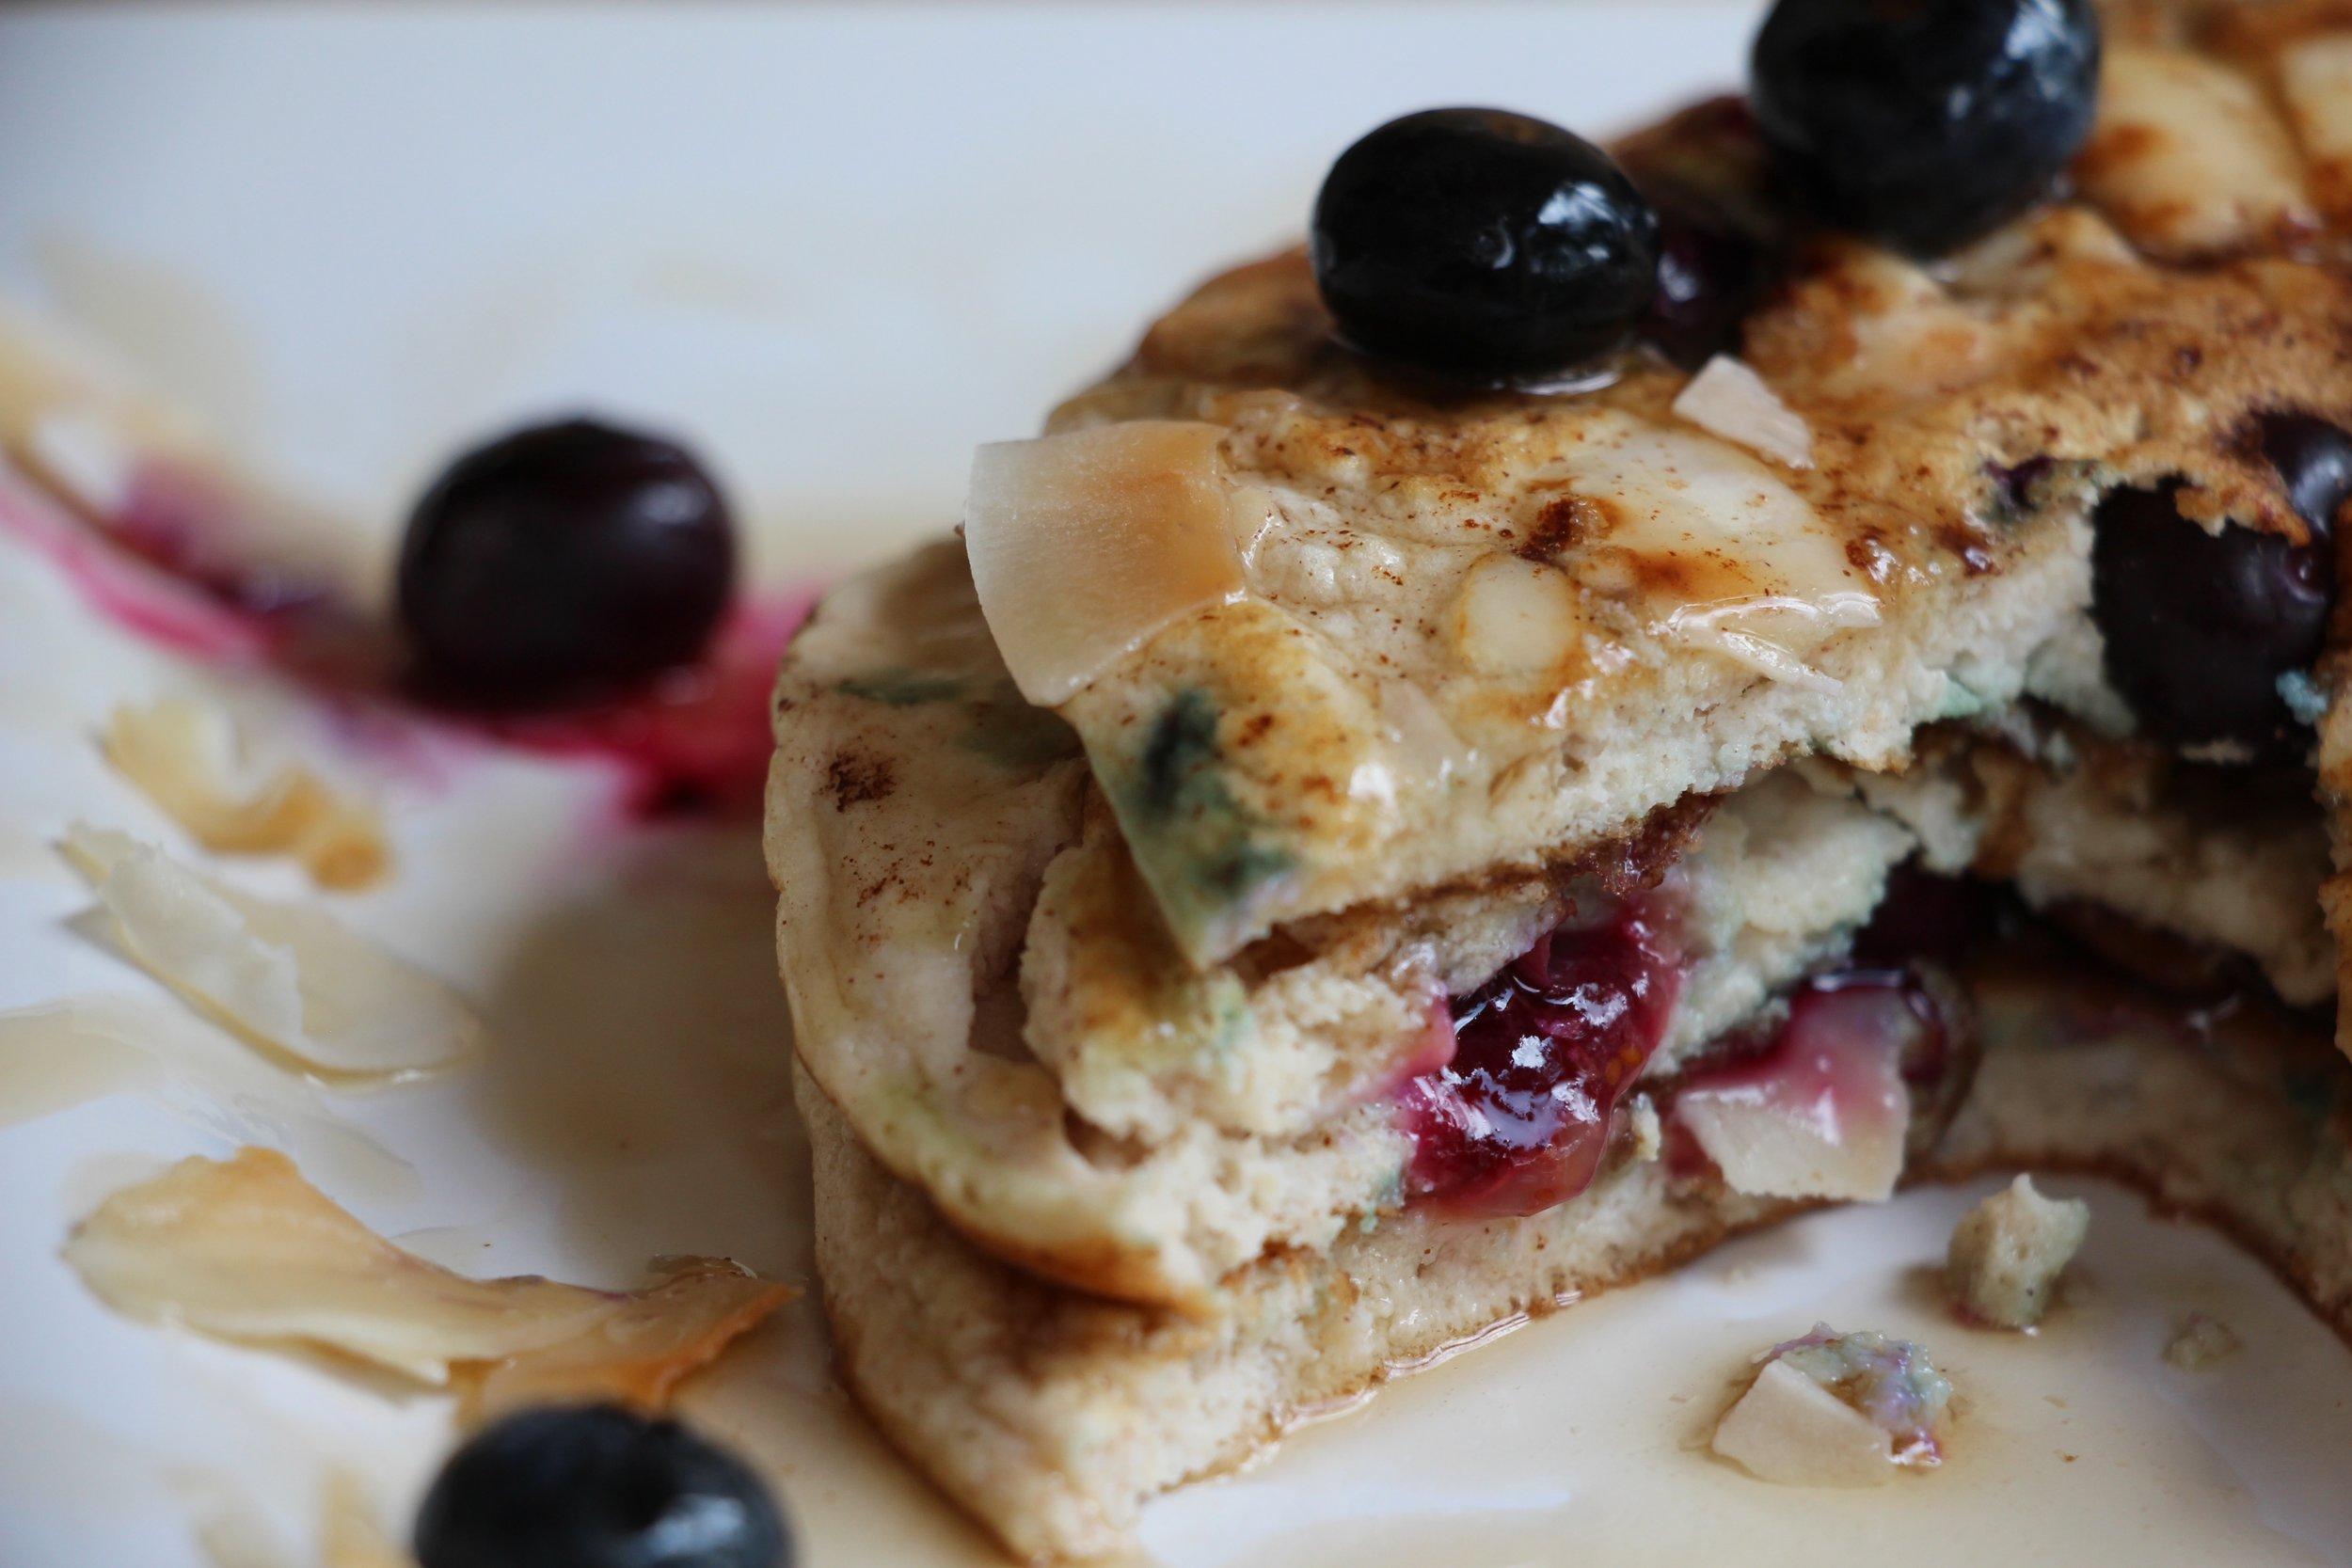 Grain-free blueberry pancakes